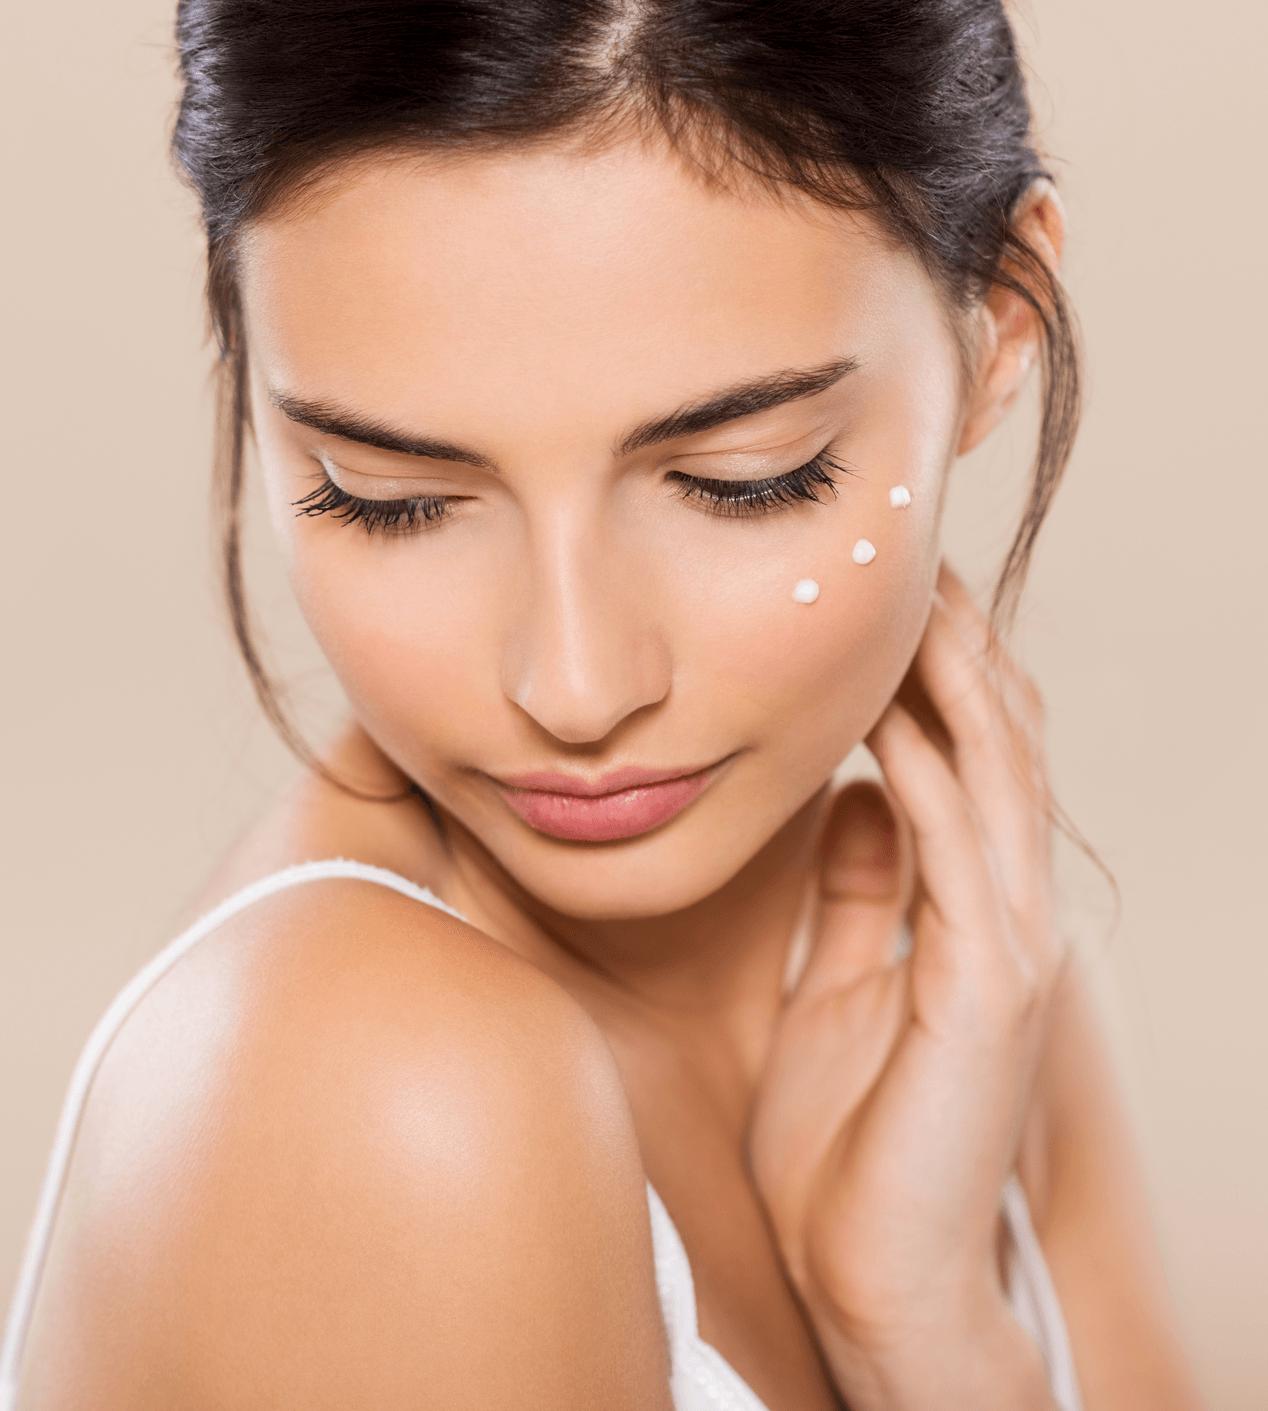 Přírodní kosmetika pro pleť dle orgánové diagnostiky